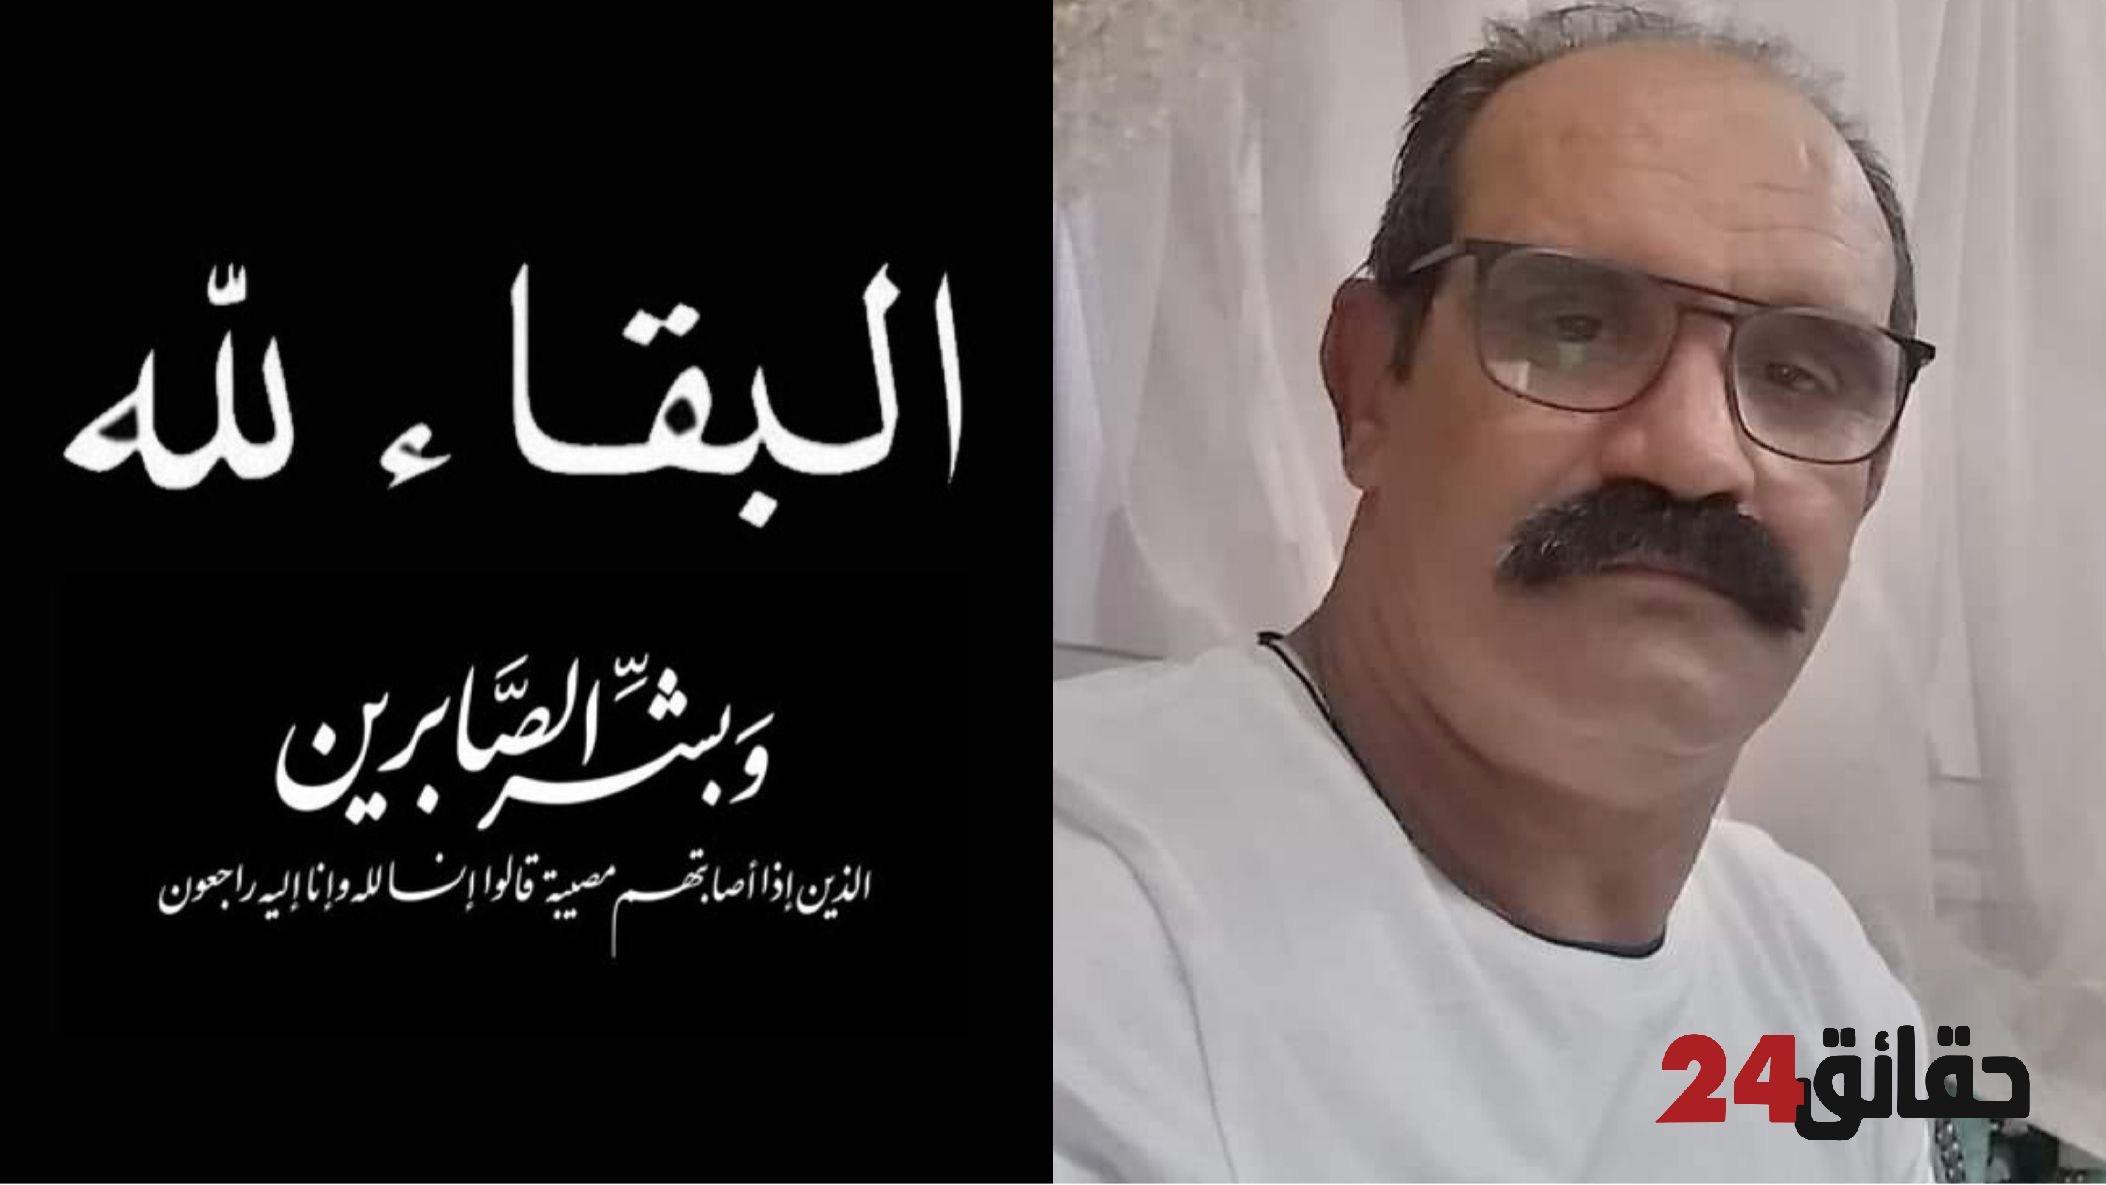 صورة تعزية في وفاة لحسن أديب ضابط أمن بمنطقة أمن إنزكان إثر أزمة صحية